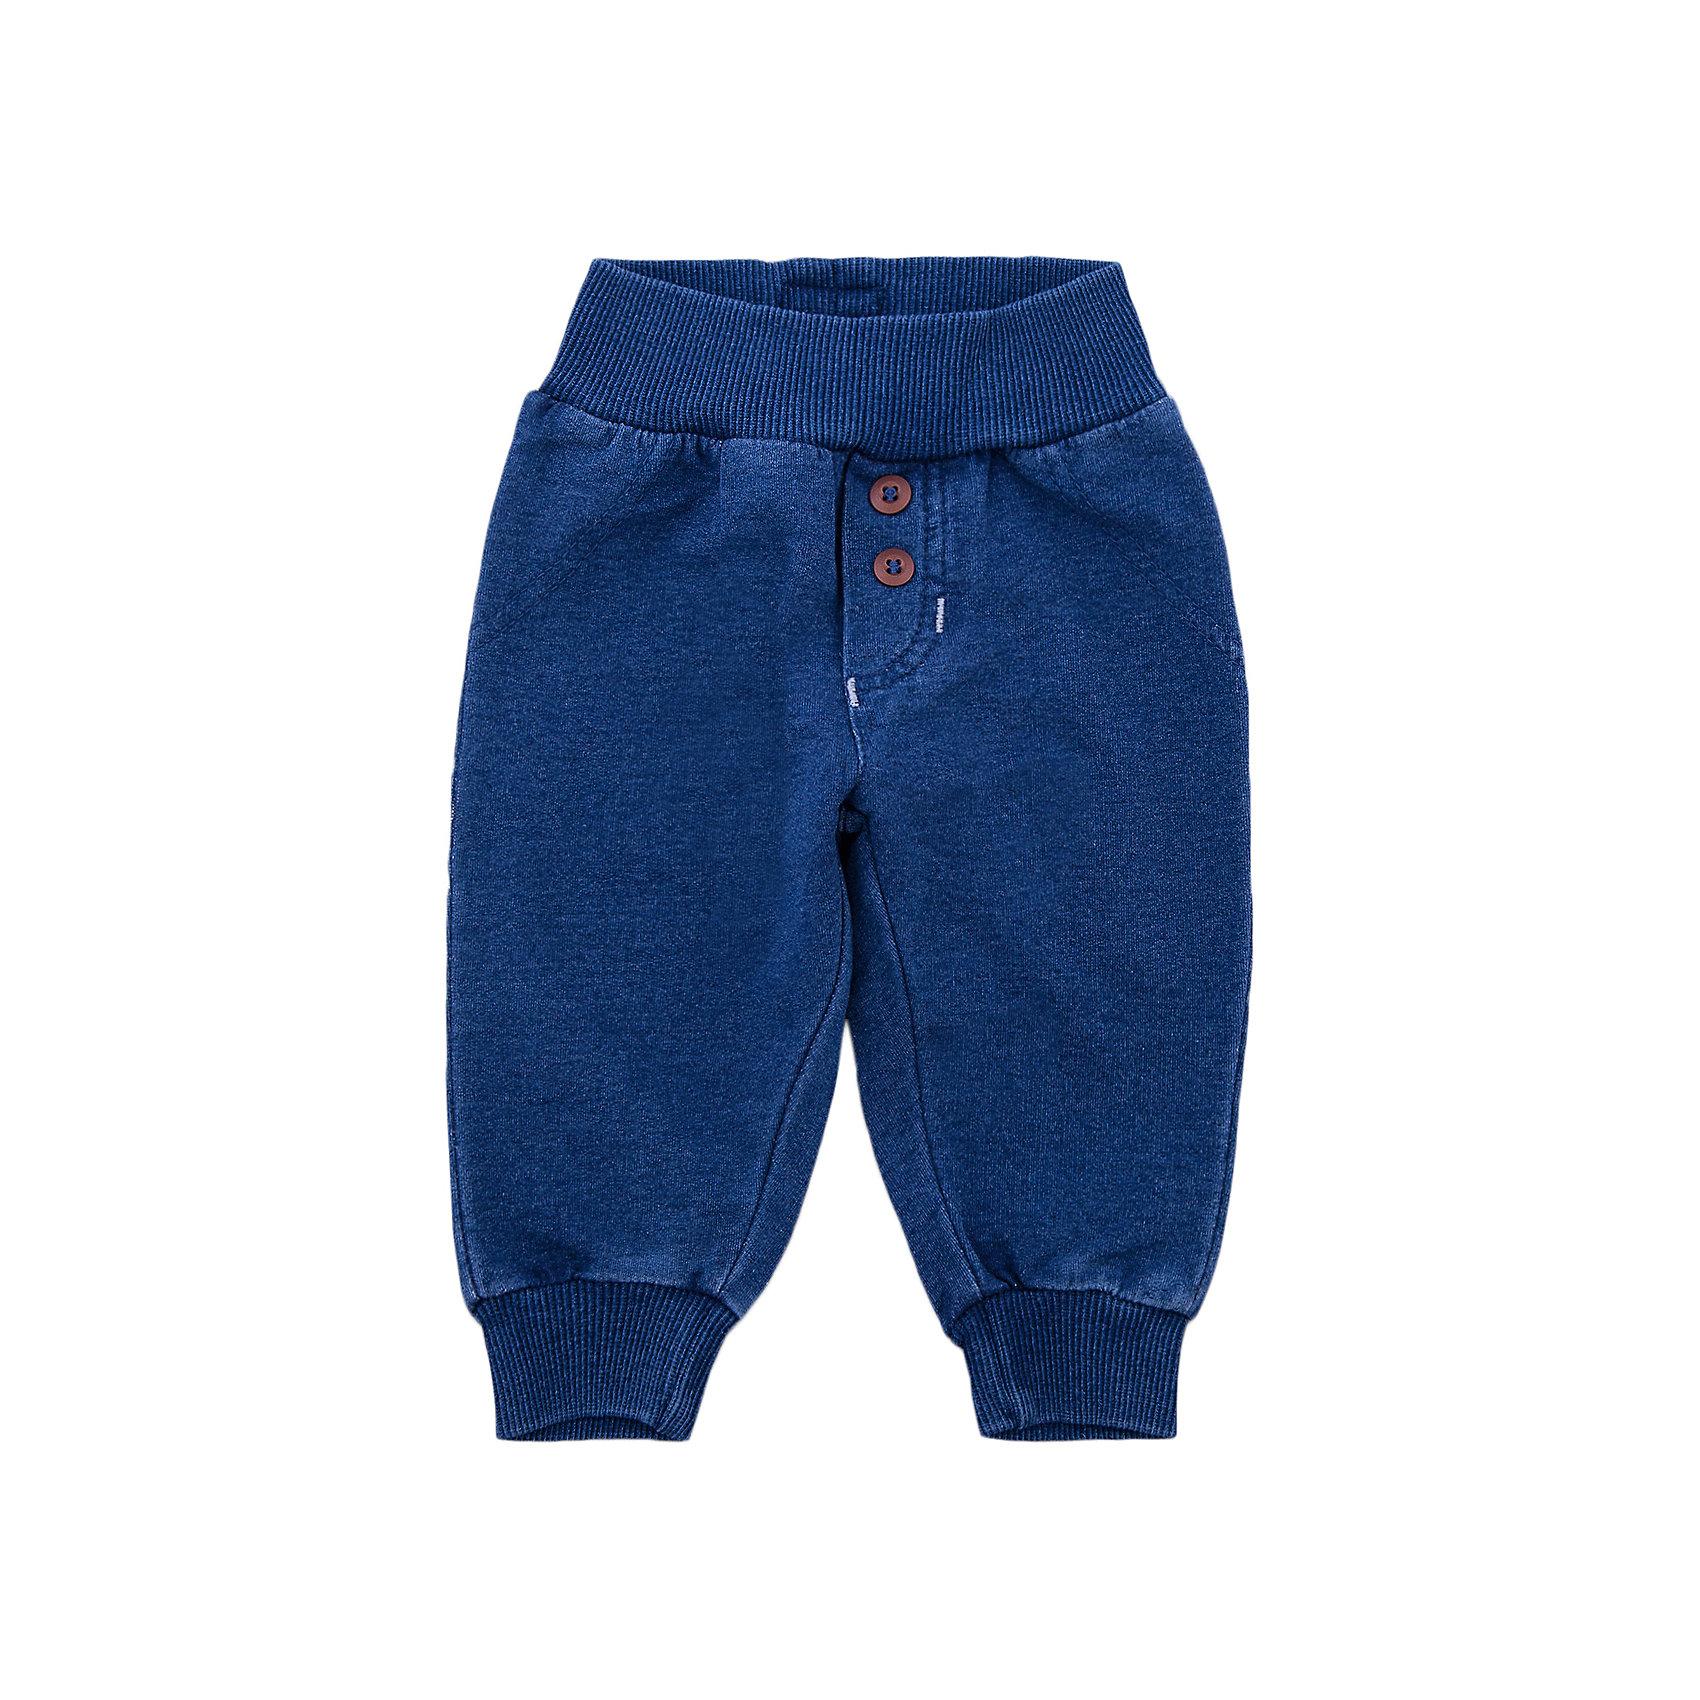 Брюки для мальчика PlayTodayДжинсы и брючки<br>Брюки для мальчика PlayToday<br>Удобные брюки смогут быть одной из базовых вещей в гардеробе Вашего ребенка. Модель на широкой резинке, низ штанин на мягких манжетах. Свободный крой не сковывает движений ребенка.<br>Состав:<br>95% хлопок, 5% эластан<br><br>Ширина мм: 215<br>Глубина мм: 88<br>Высота мм: 191<br>Вес г: 336<br>Цвет: полуночно-синий<br>Возраст от месяцев: 6<br>Возраст до месяцев: 9<br>Пол: Мужской<br>Возраст: Детский<br>Размер: 56,62,68,74<br>SKU: 5407999